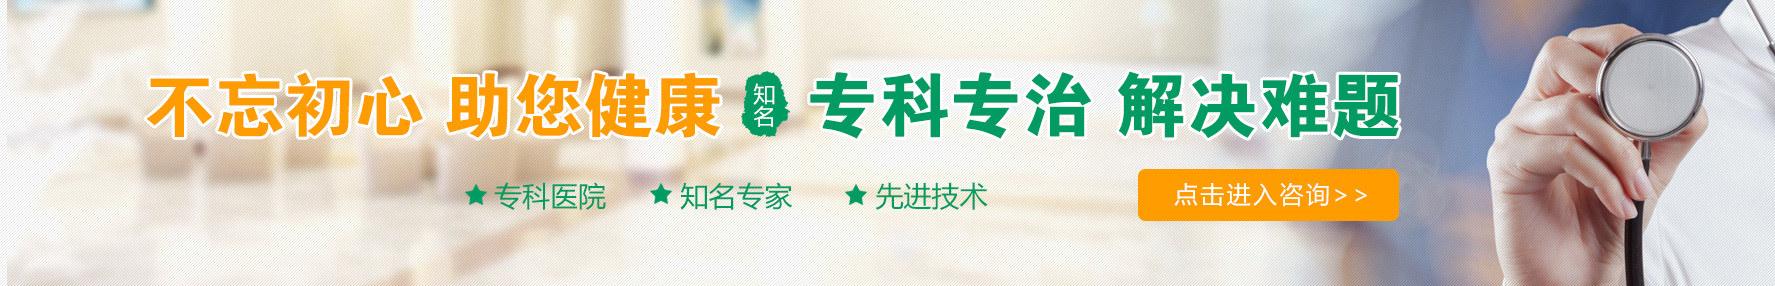 柳州男科医院